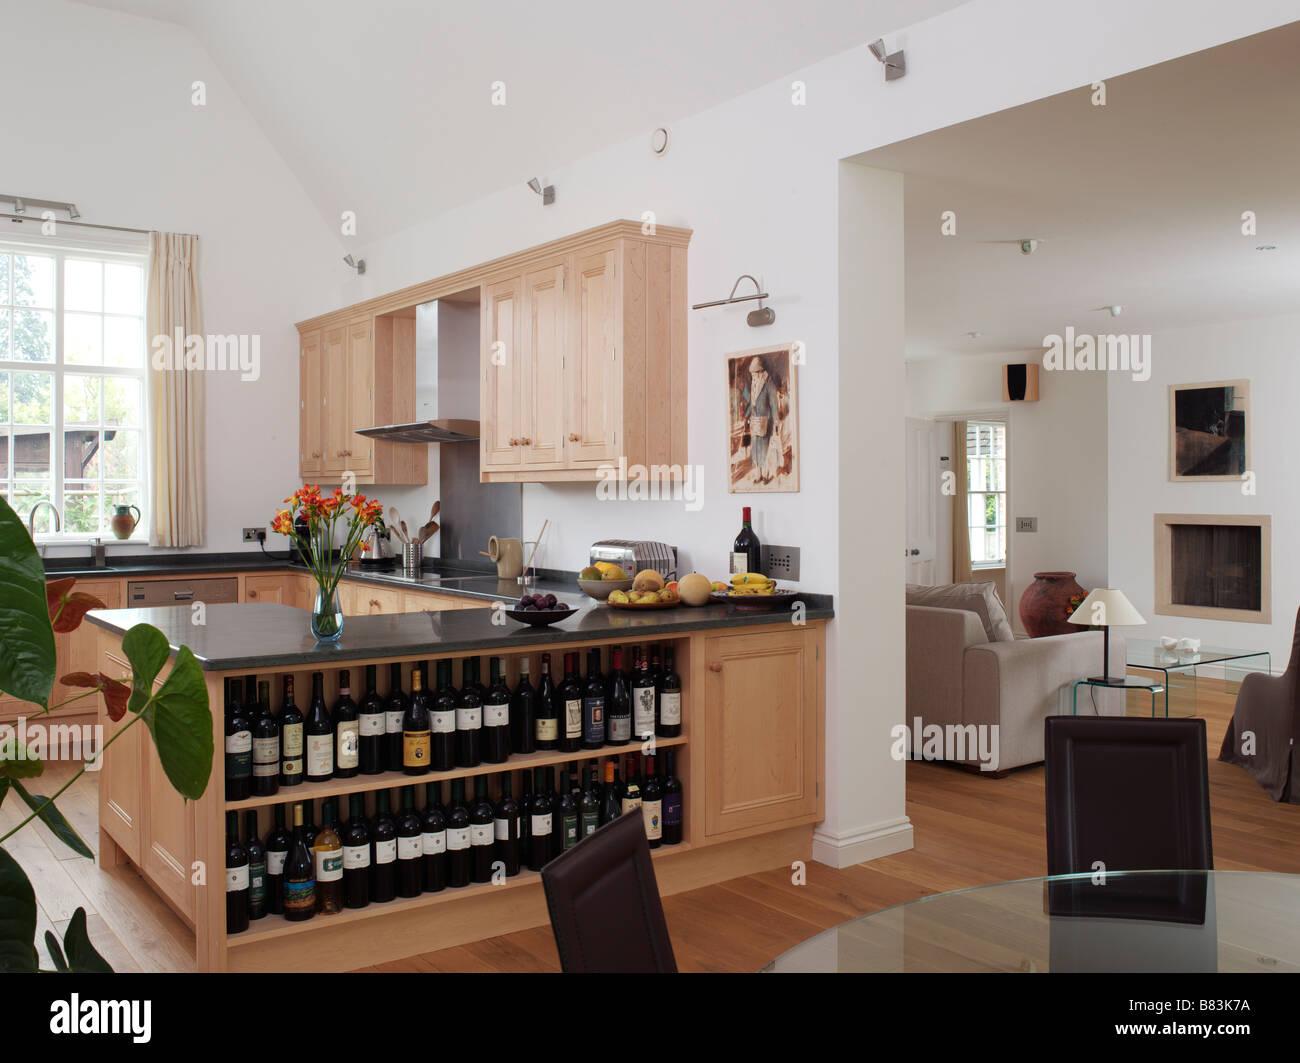 offene k che und esszimmer mit weinregale und blick zum wohnzimmer stockfoto bild 22208574 alamy. Black Bedroom Furniture Sets. Home Design Ideas